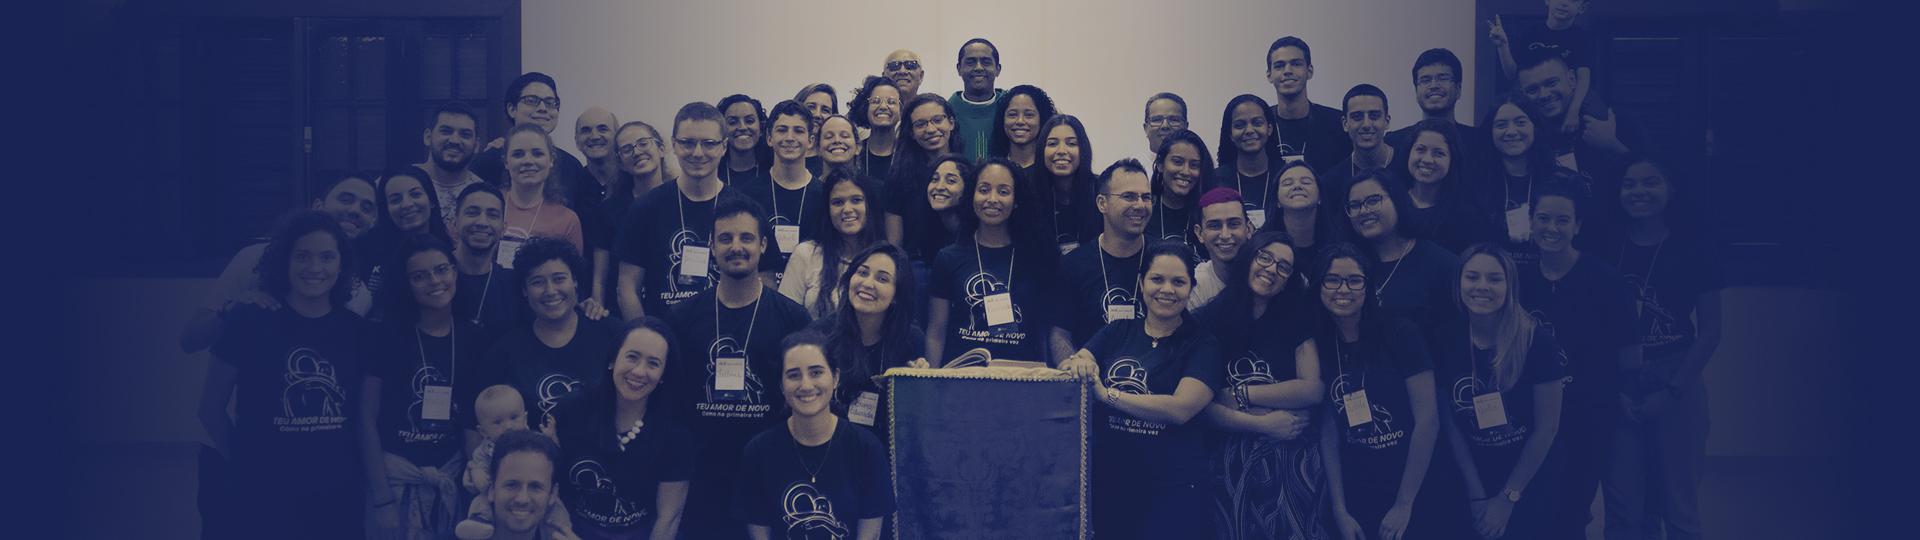 Jovem - Paróquia Nossa Senhora da Esperança, Asa Norte, Brasília-DF